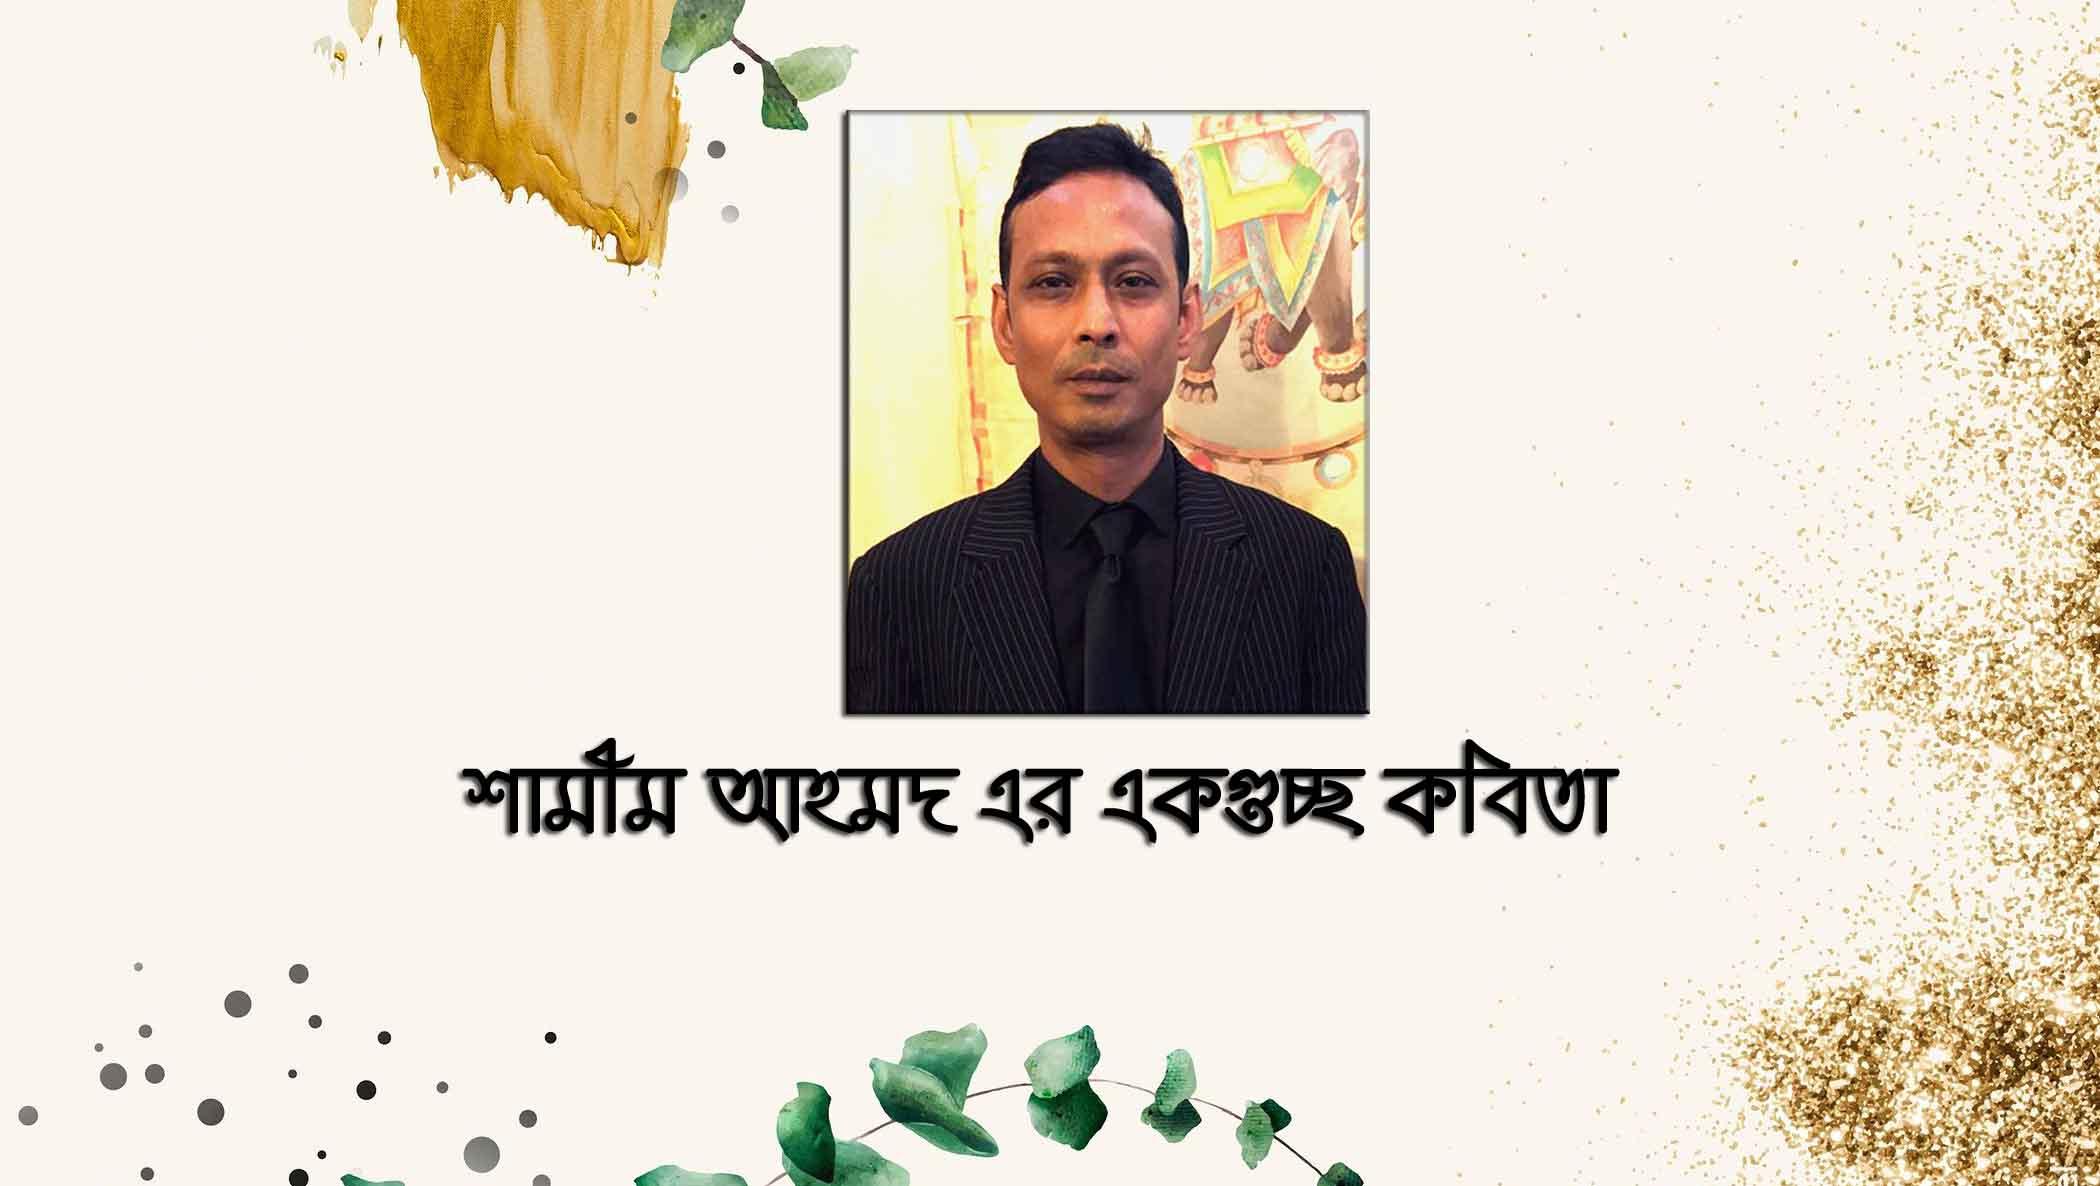 কবি শামীম আহমদ'র গুচ্ছ কবিতা